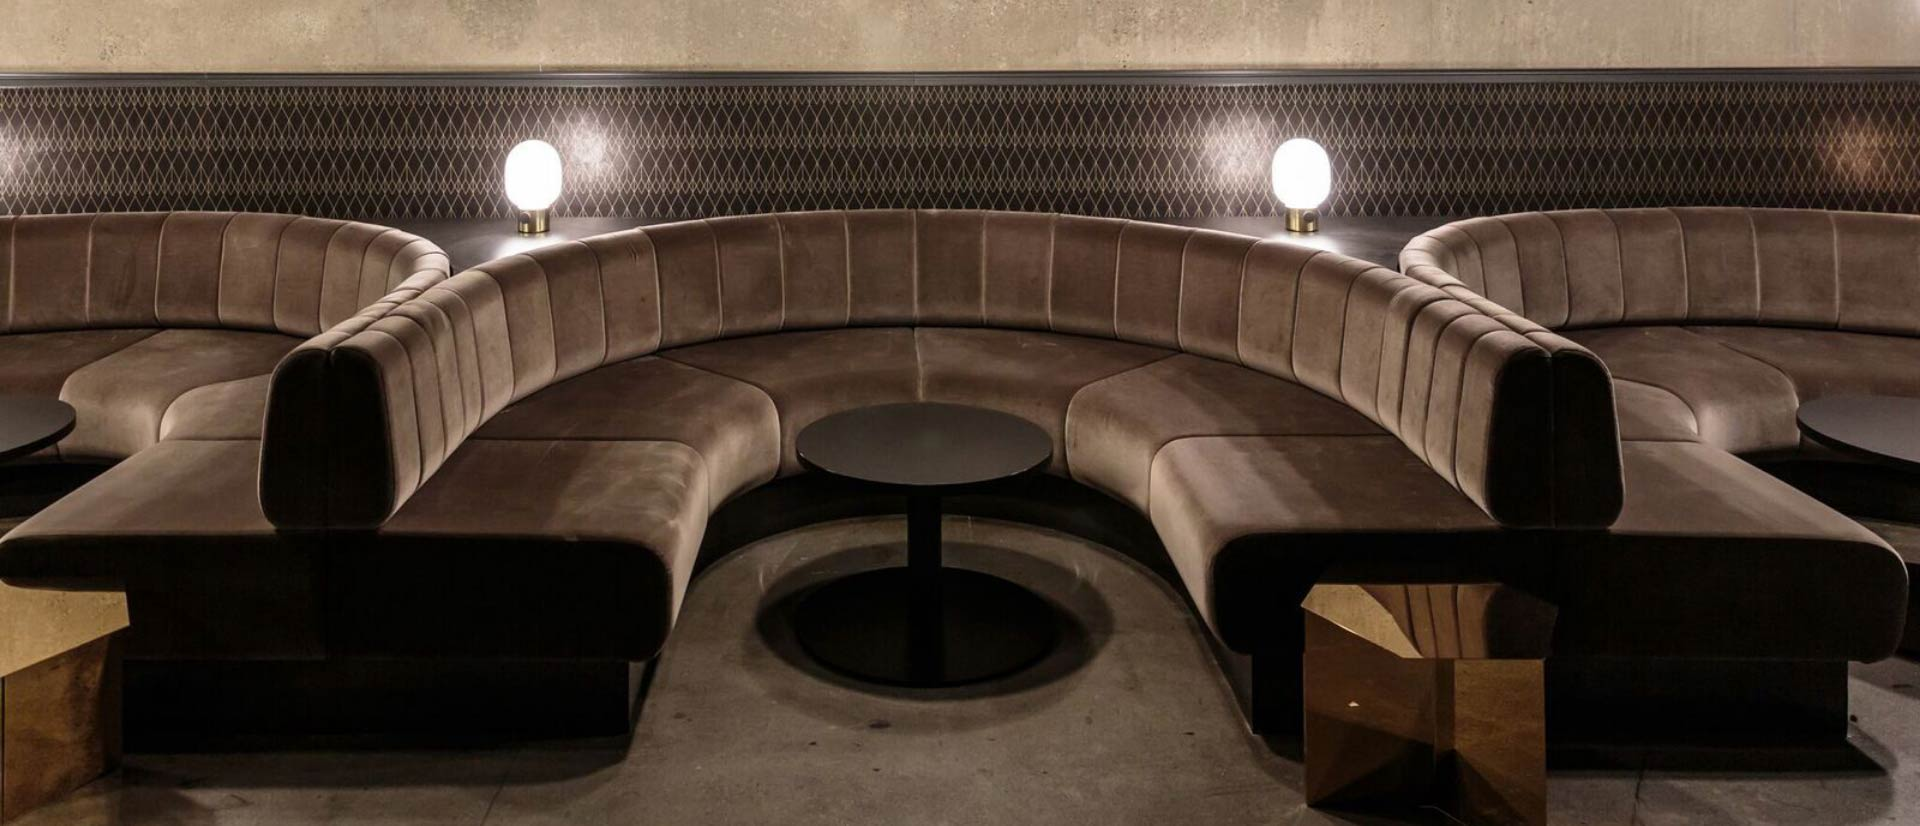 Brown velvet upholstered booth seating